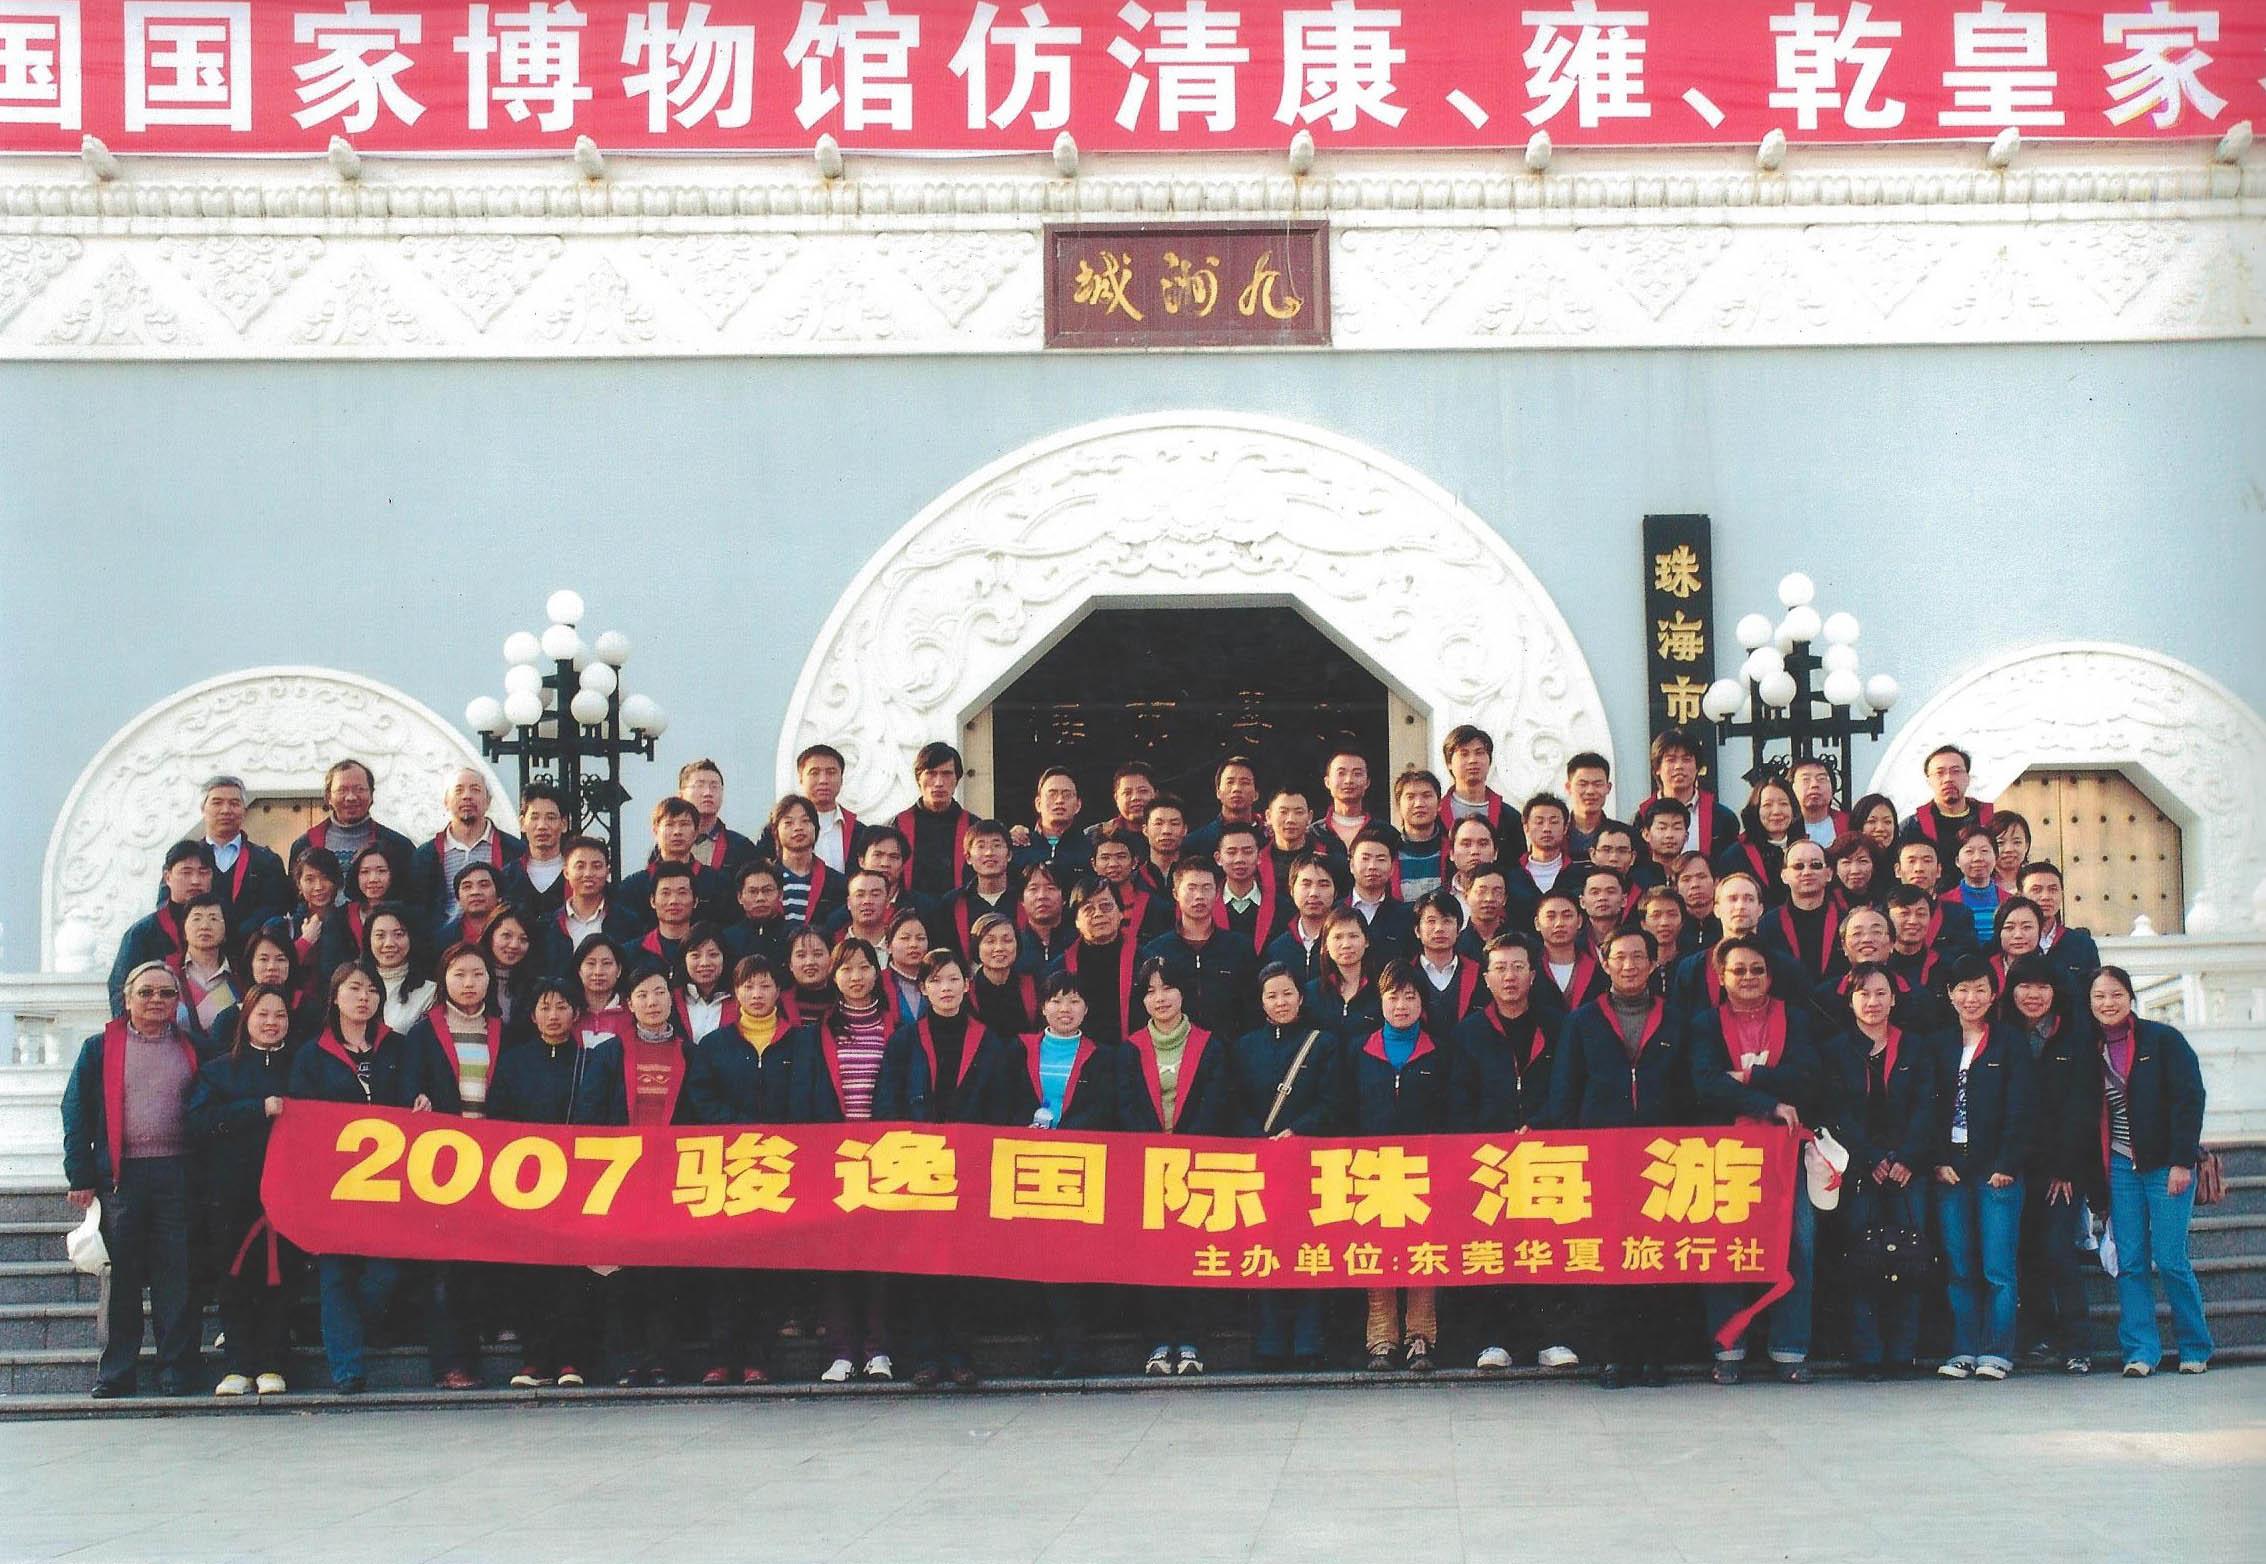 2007 Tourism-2